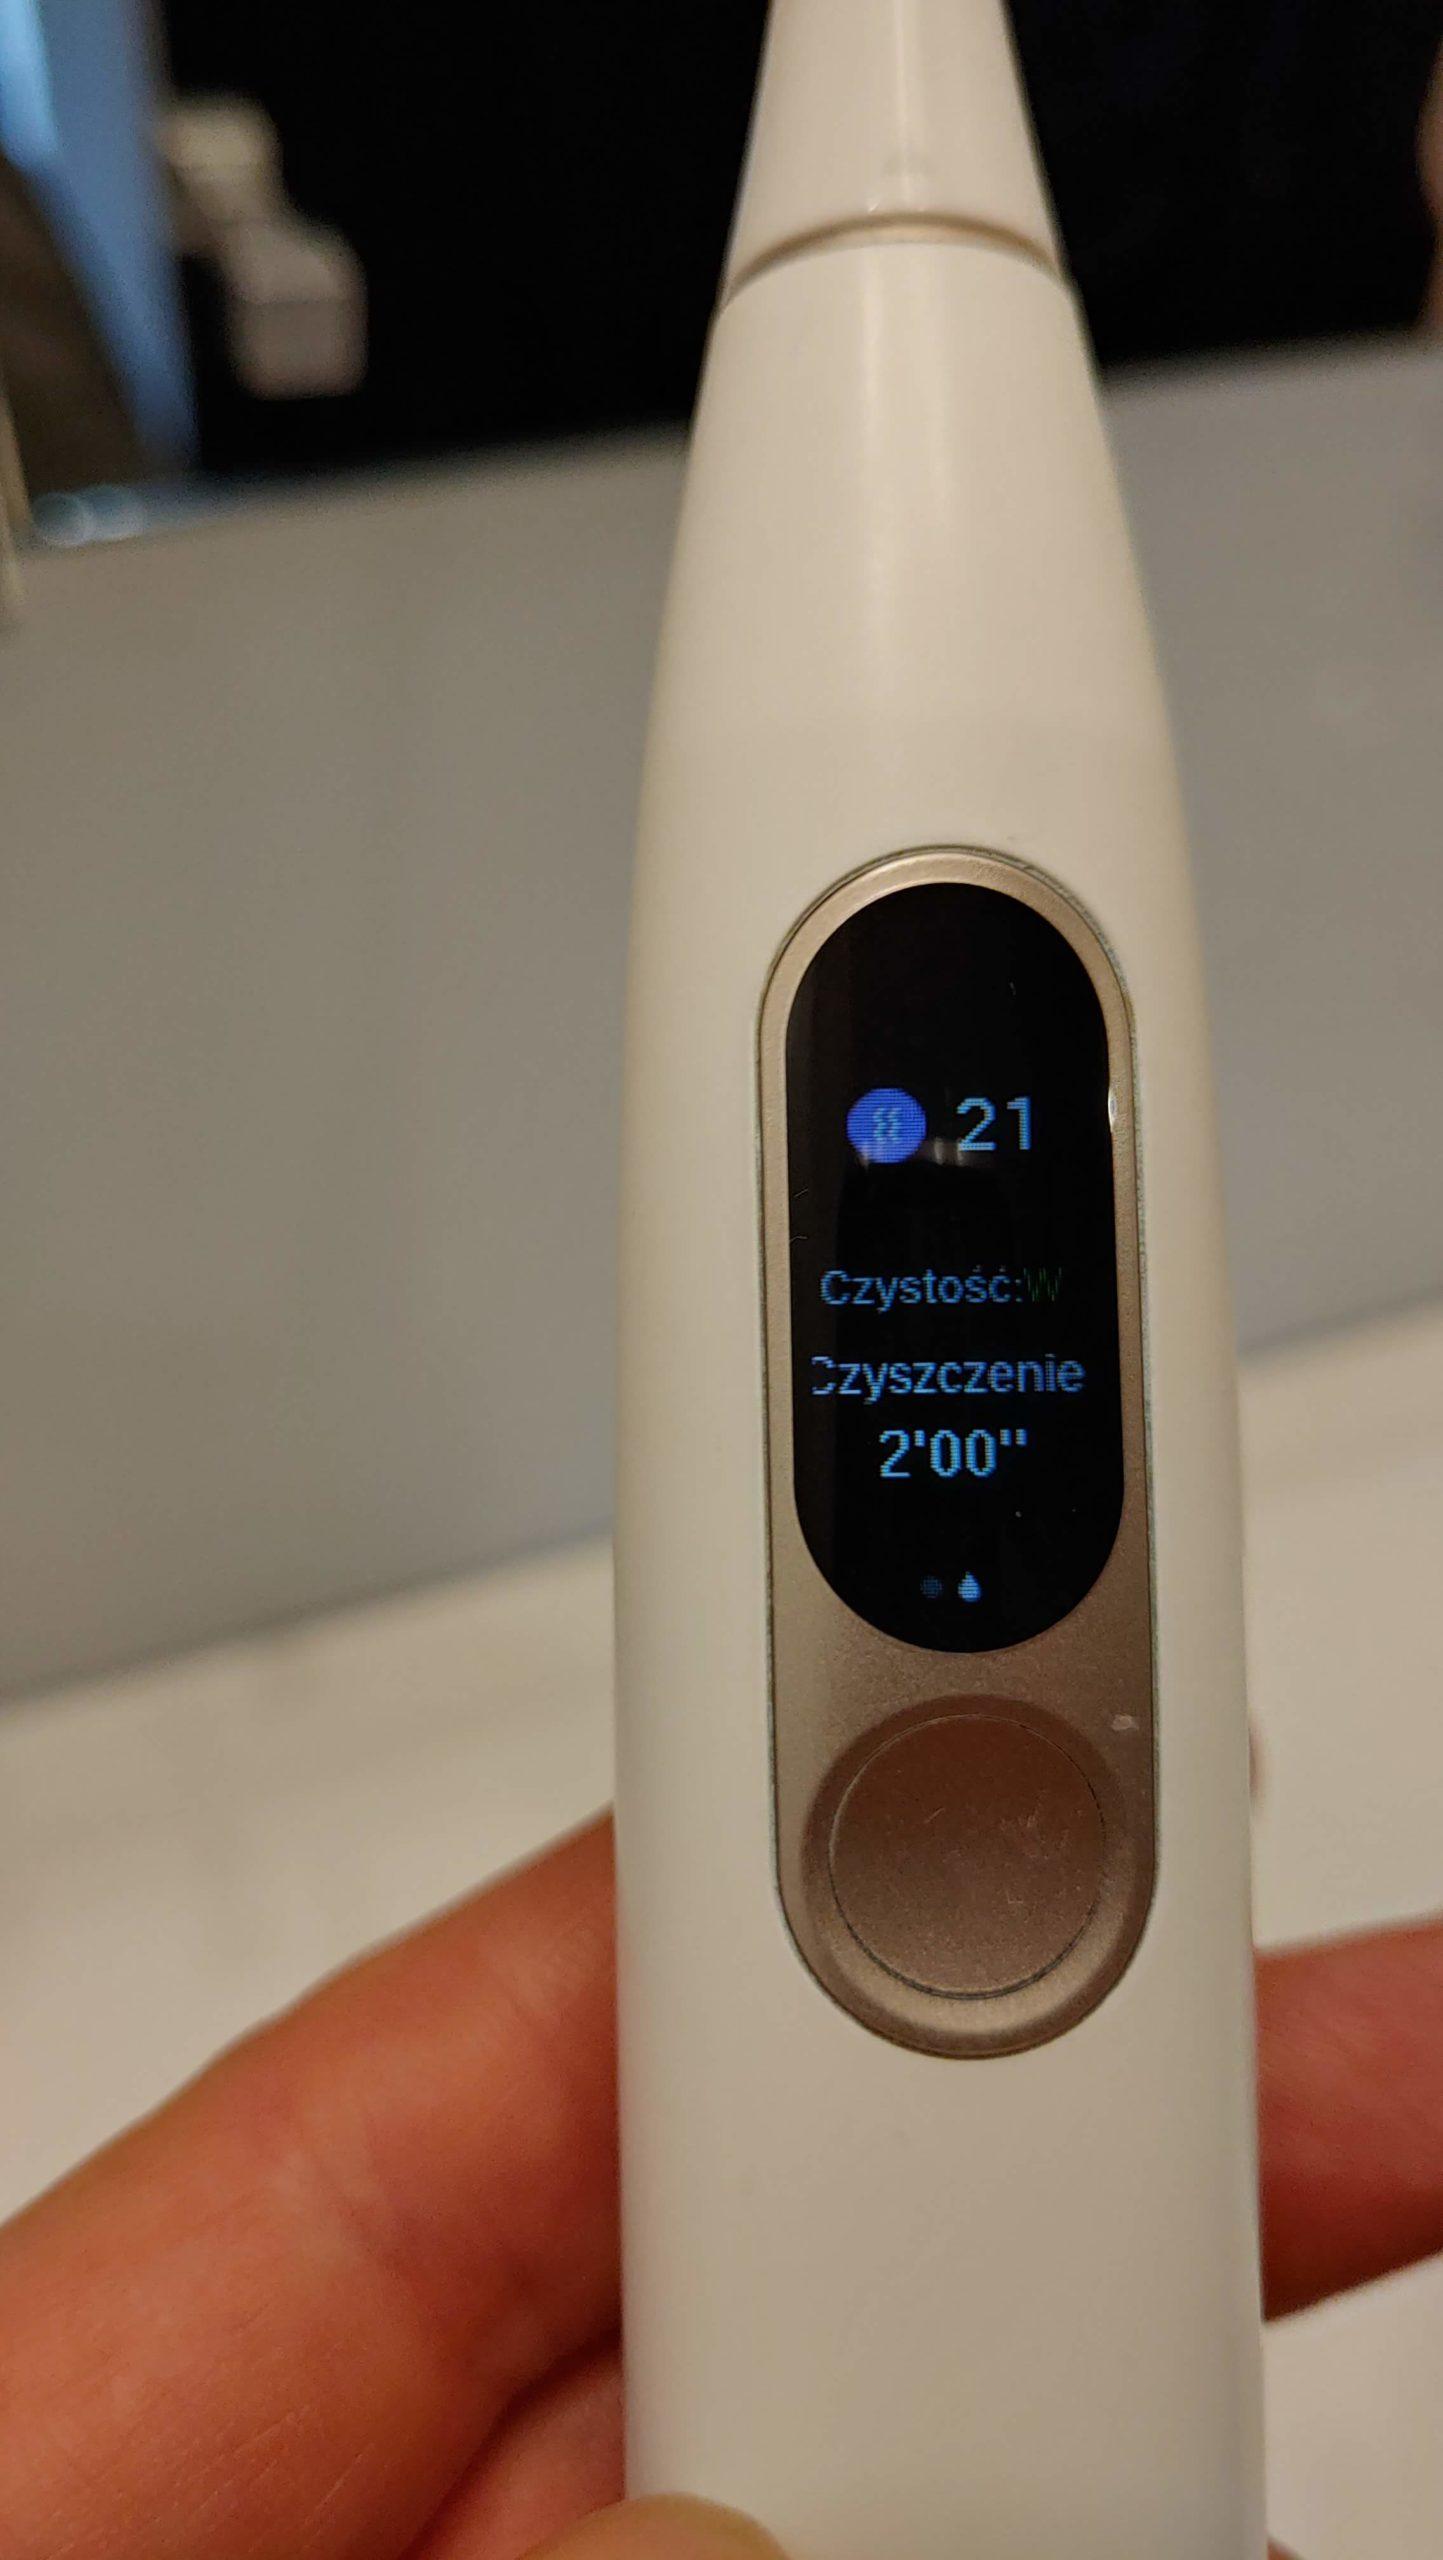 Xiaomi Oclean X LCD biała szczoteczka soniczna z wyświetlaczem